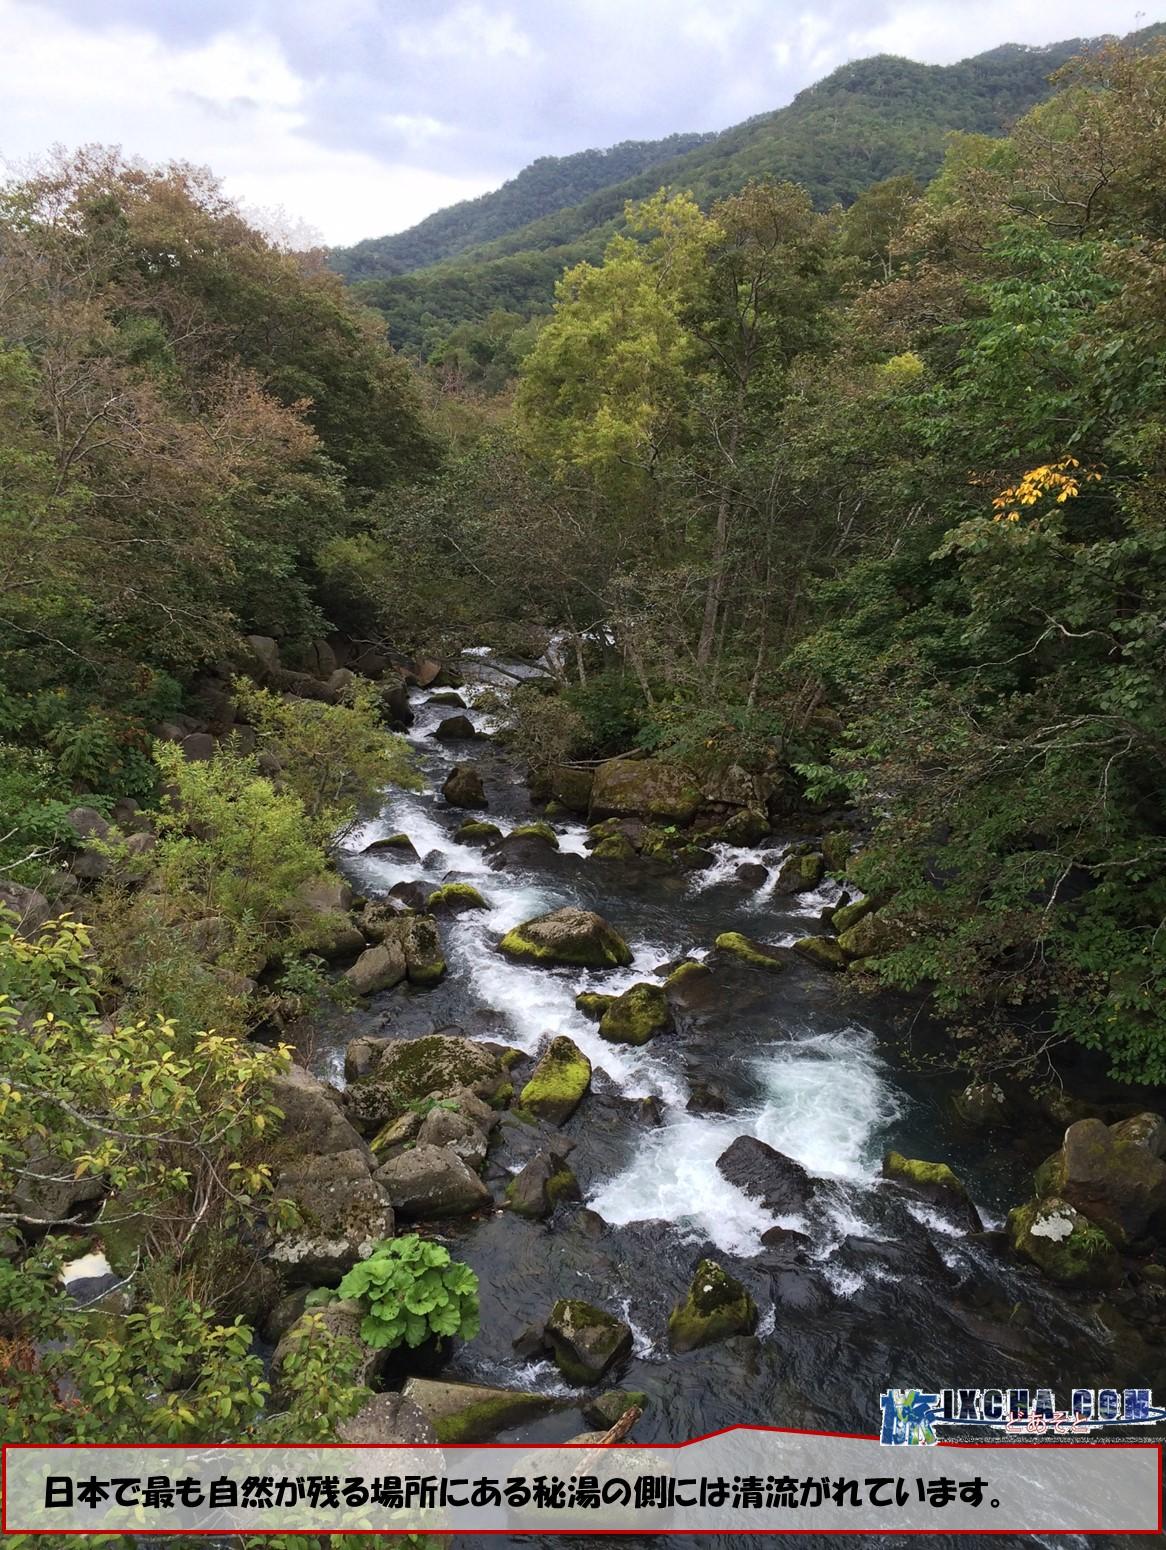 日本で最も自然が残る場所にある秘湯の側には清流がれています。